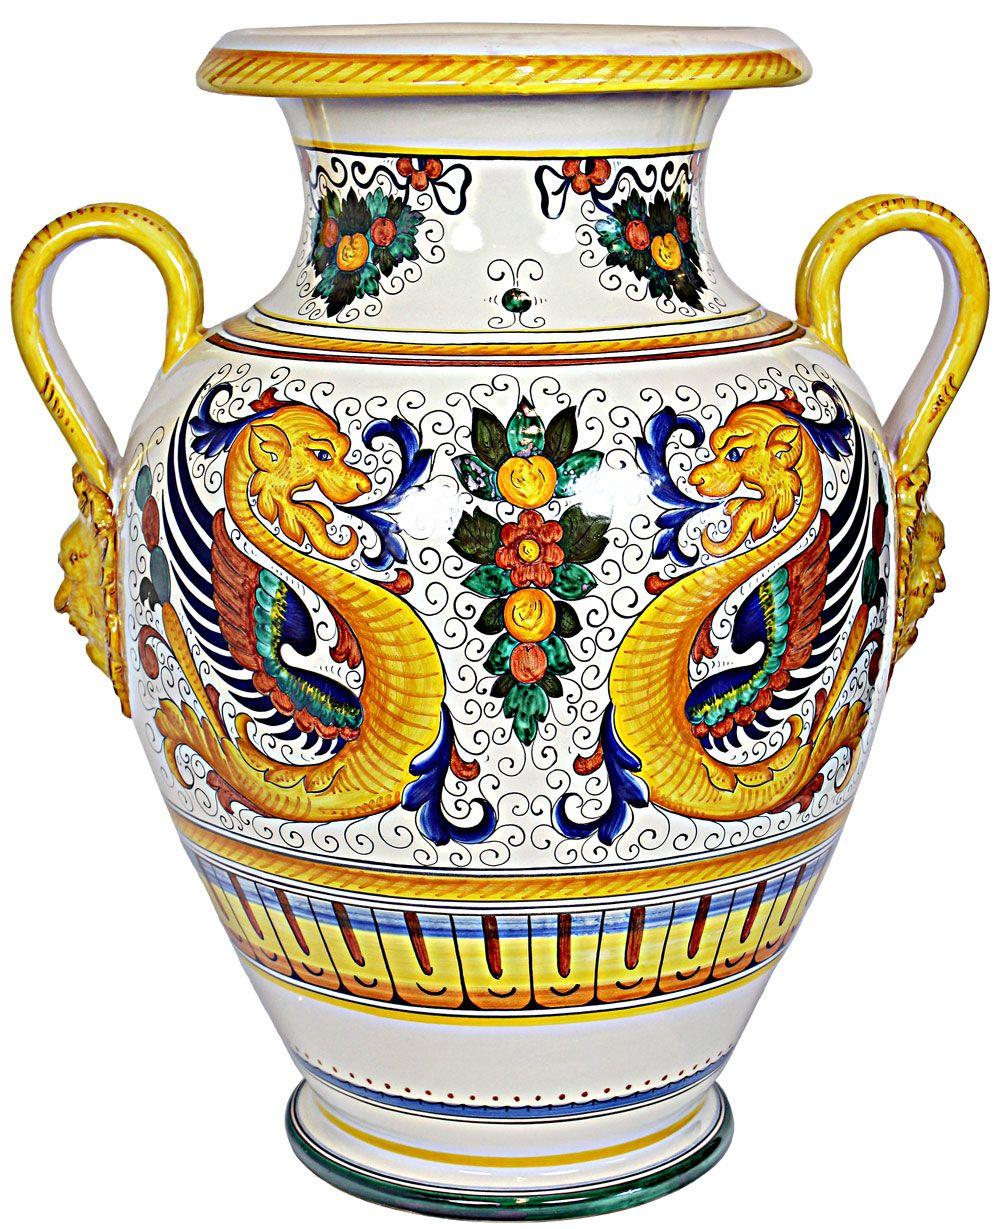 Deruta Italian Urn Vase - exquisite!